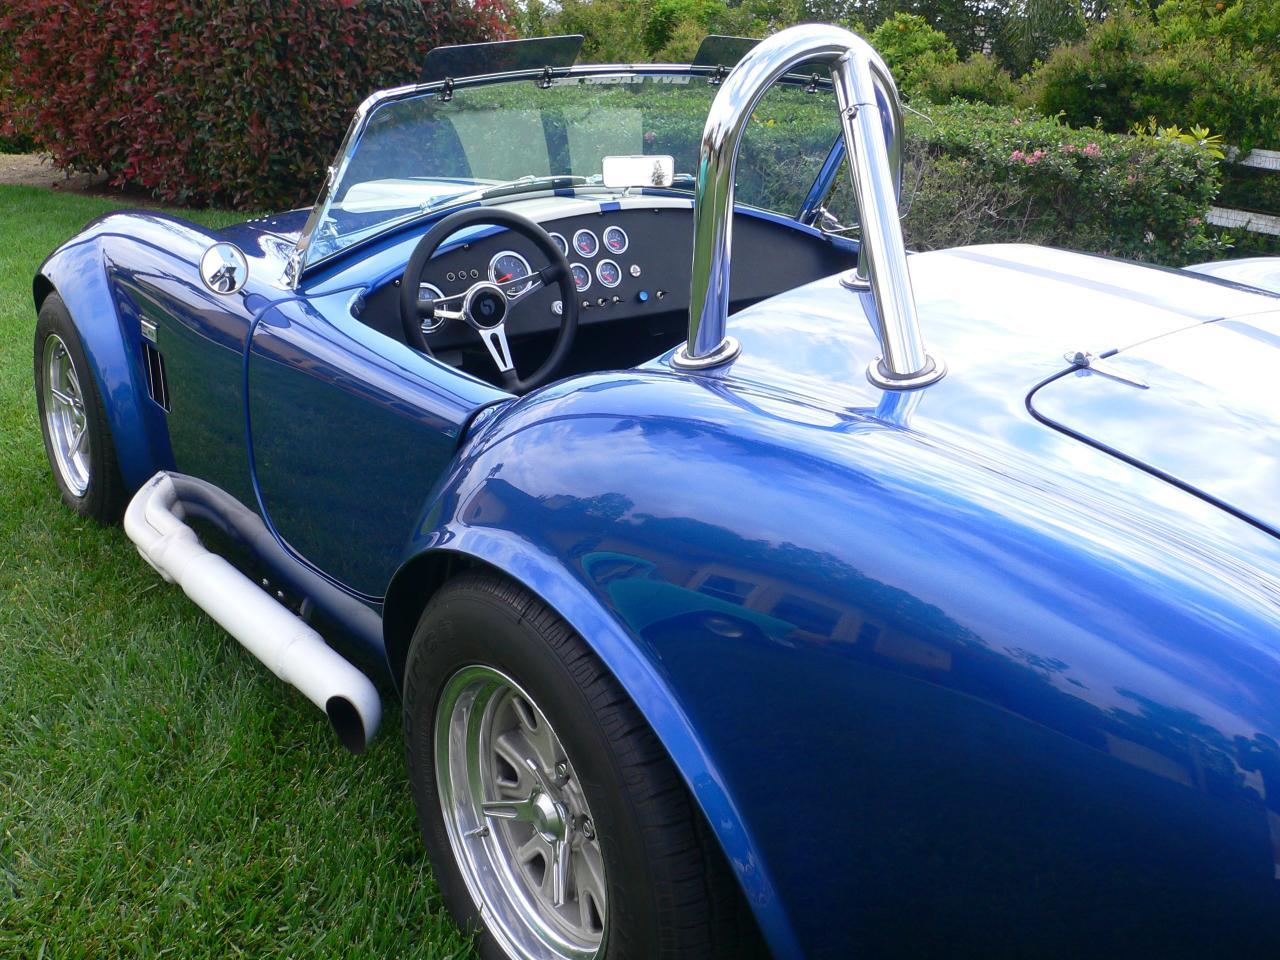 1965 Shelby Cobra Replica Professionally Built For Sale